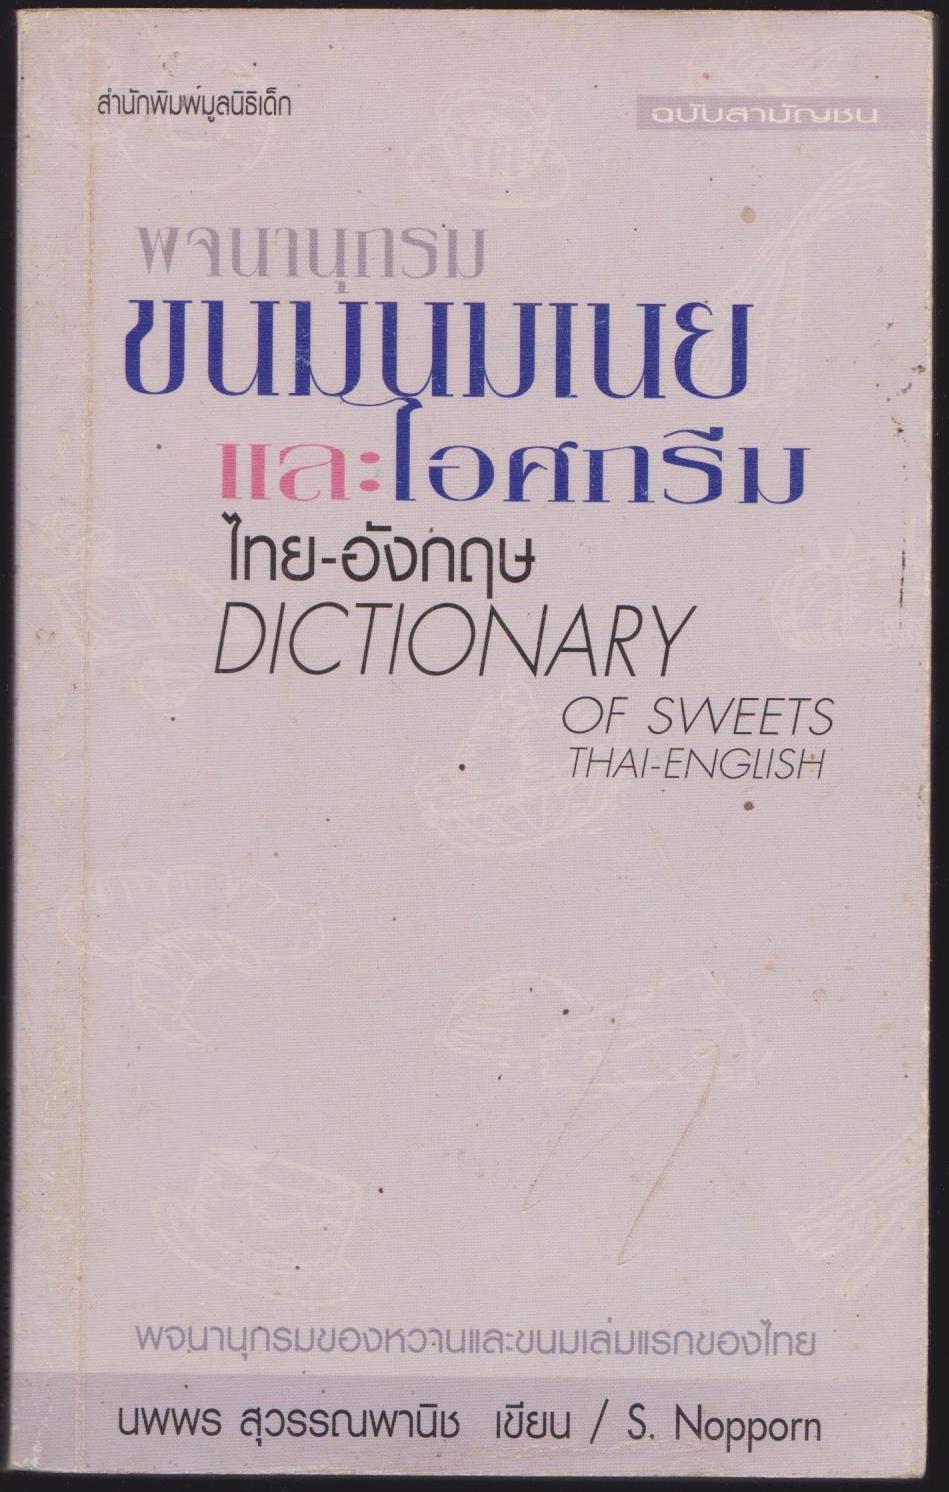 พจนานุกรม ขนมนมเนย และ ไอศกรีม ไทย-อังกฤษ